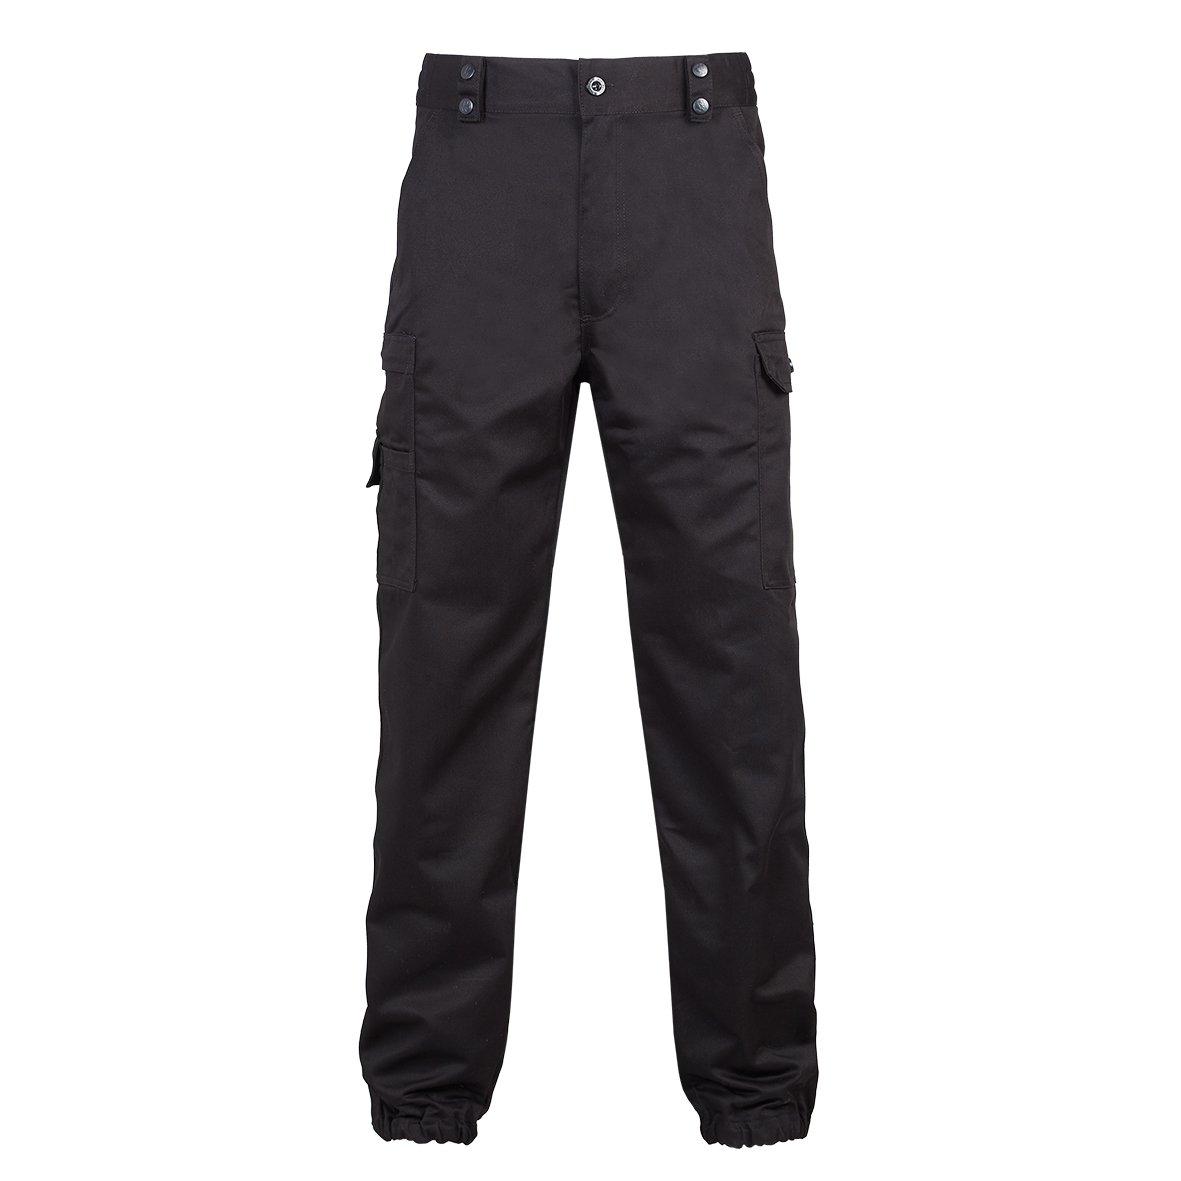 NW NORTH WAYS 2480 Pantalon de sécurité Solace Noir